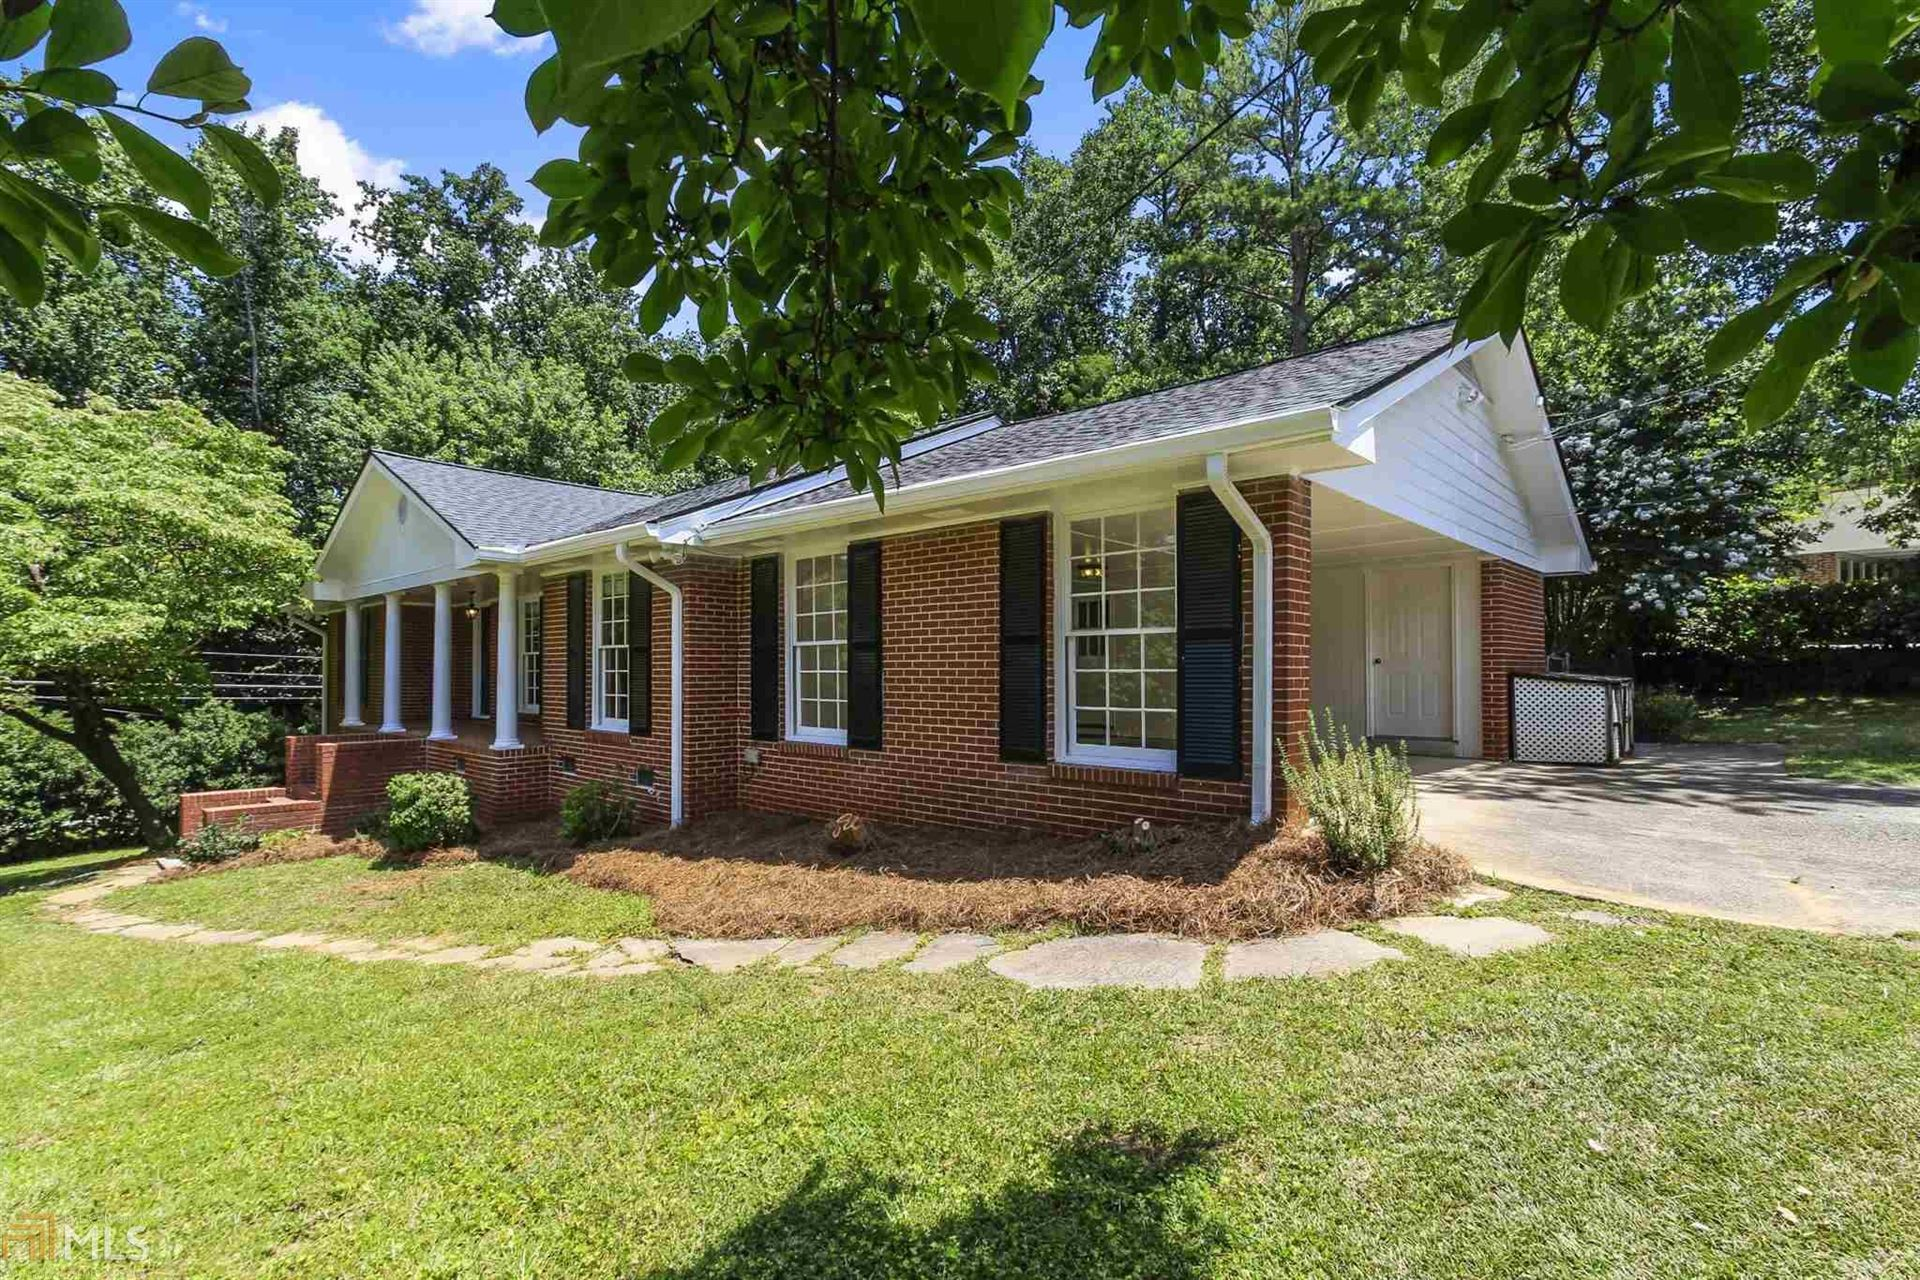 2778 Payton Rd, Atlanta, GA 30345 - MLS#: 8810156